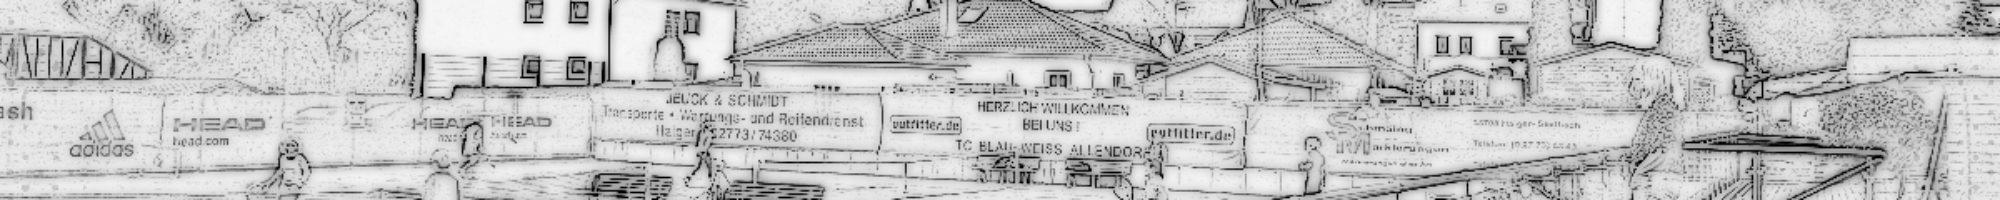 TC Blau - Weiss Allendorf e.V.